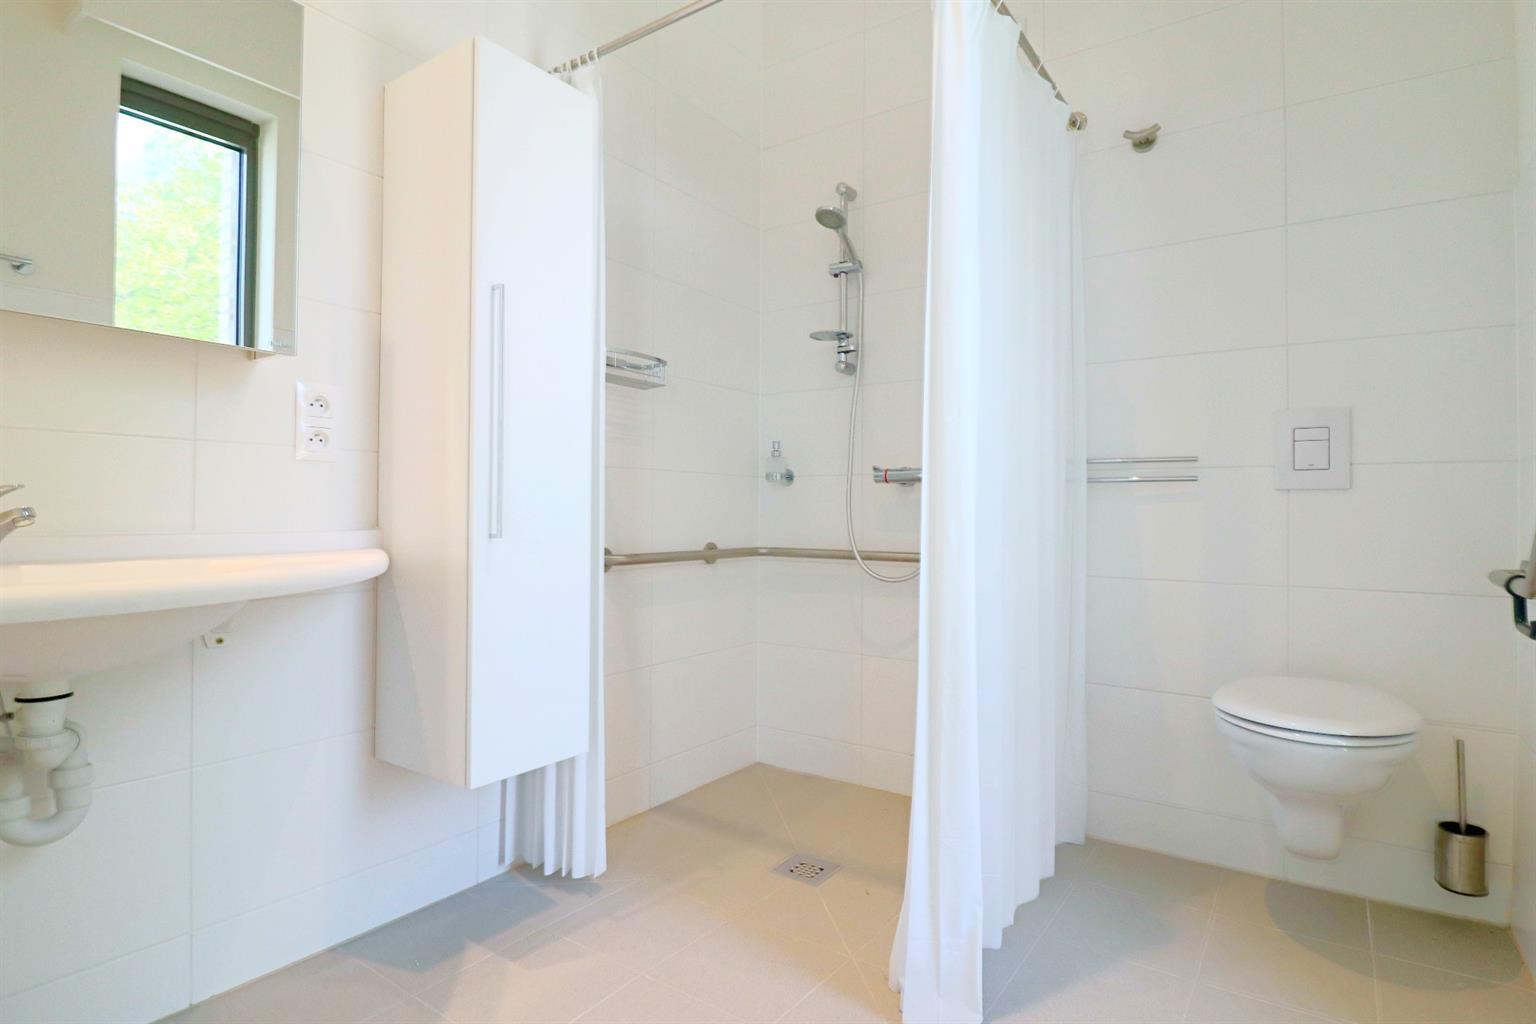 Appartement - Ottignies-Louvain-la-Neuve - #4406866-6